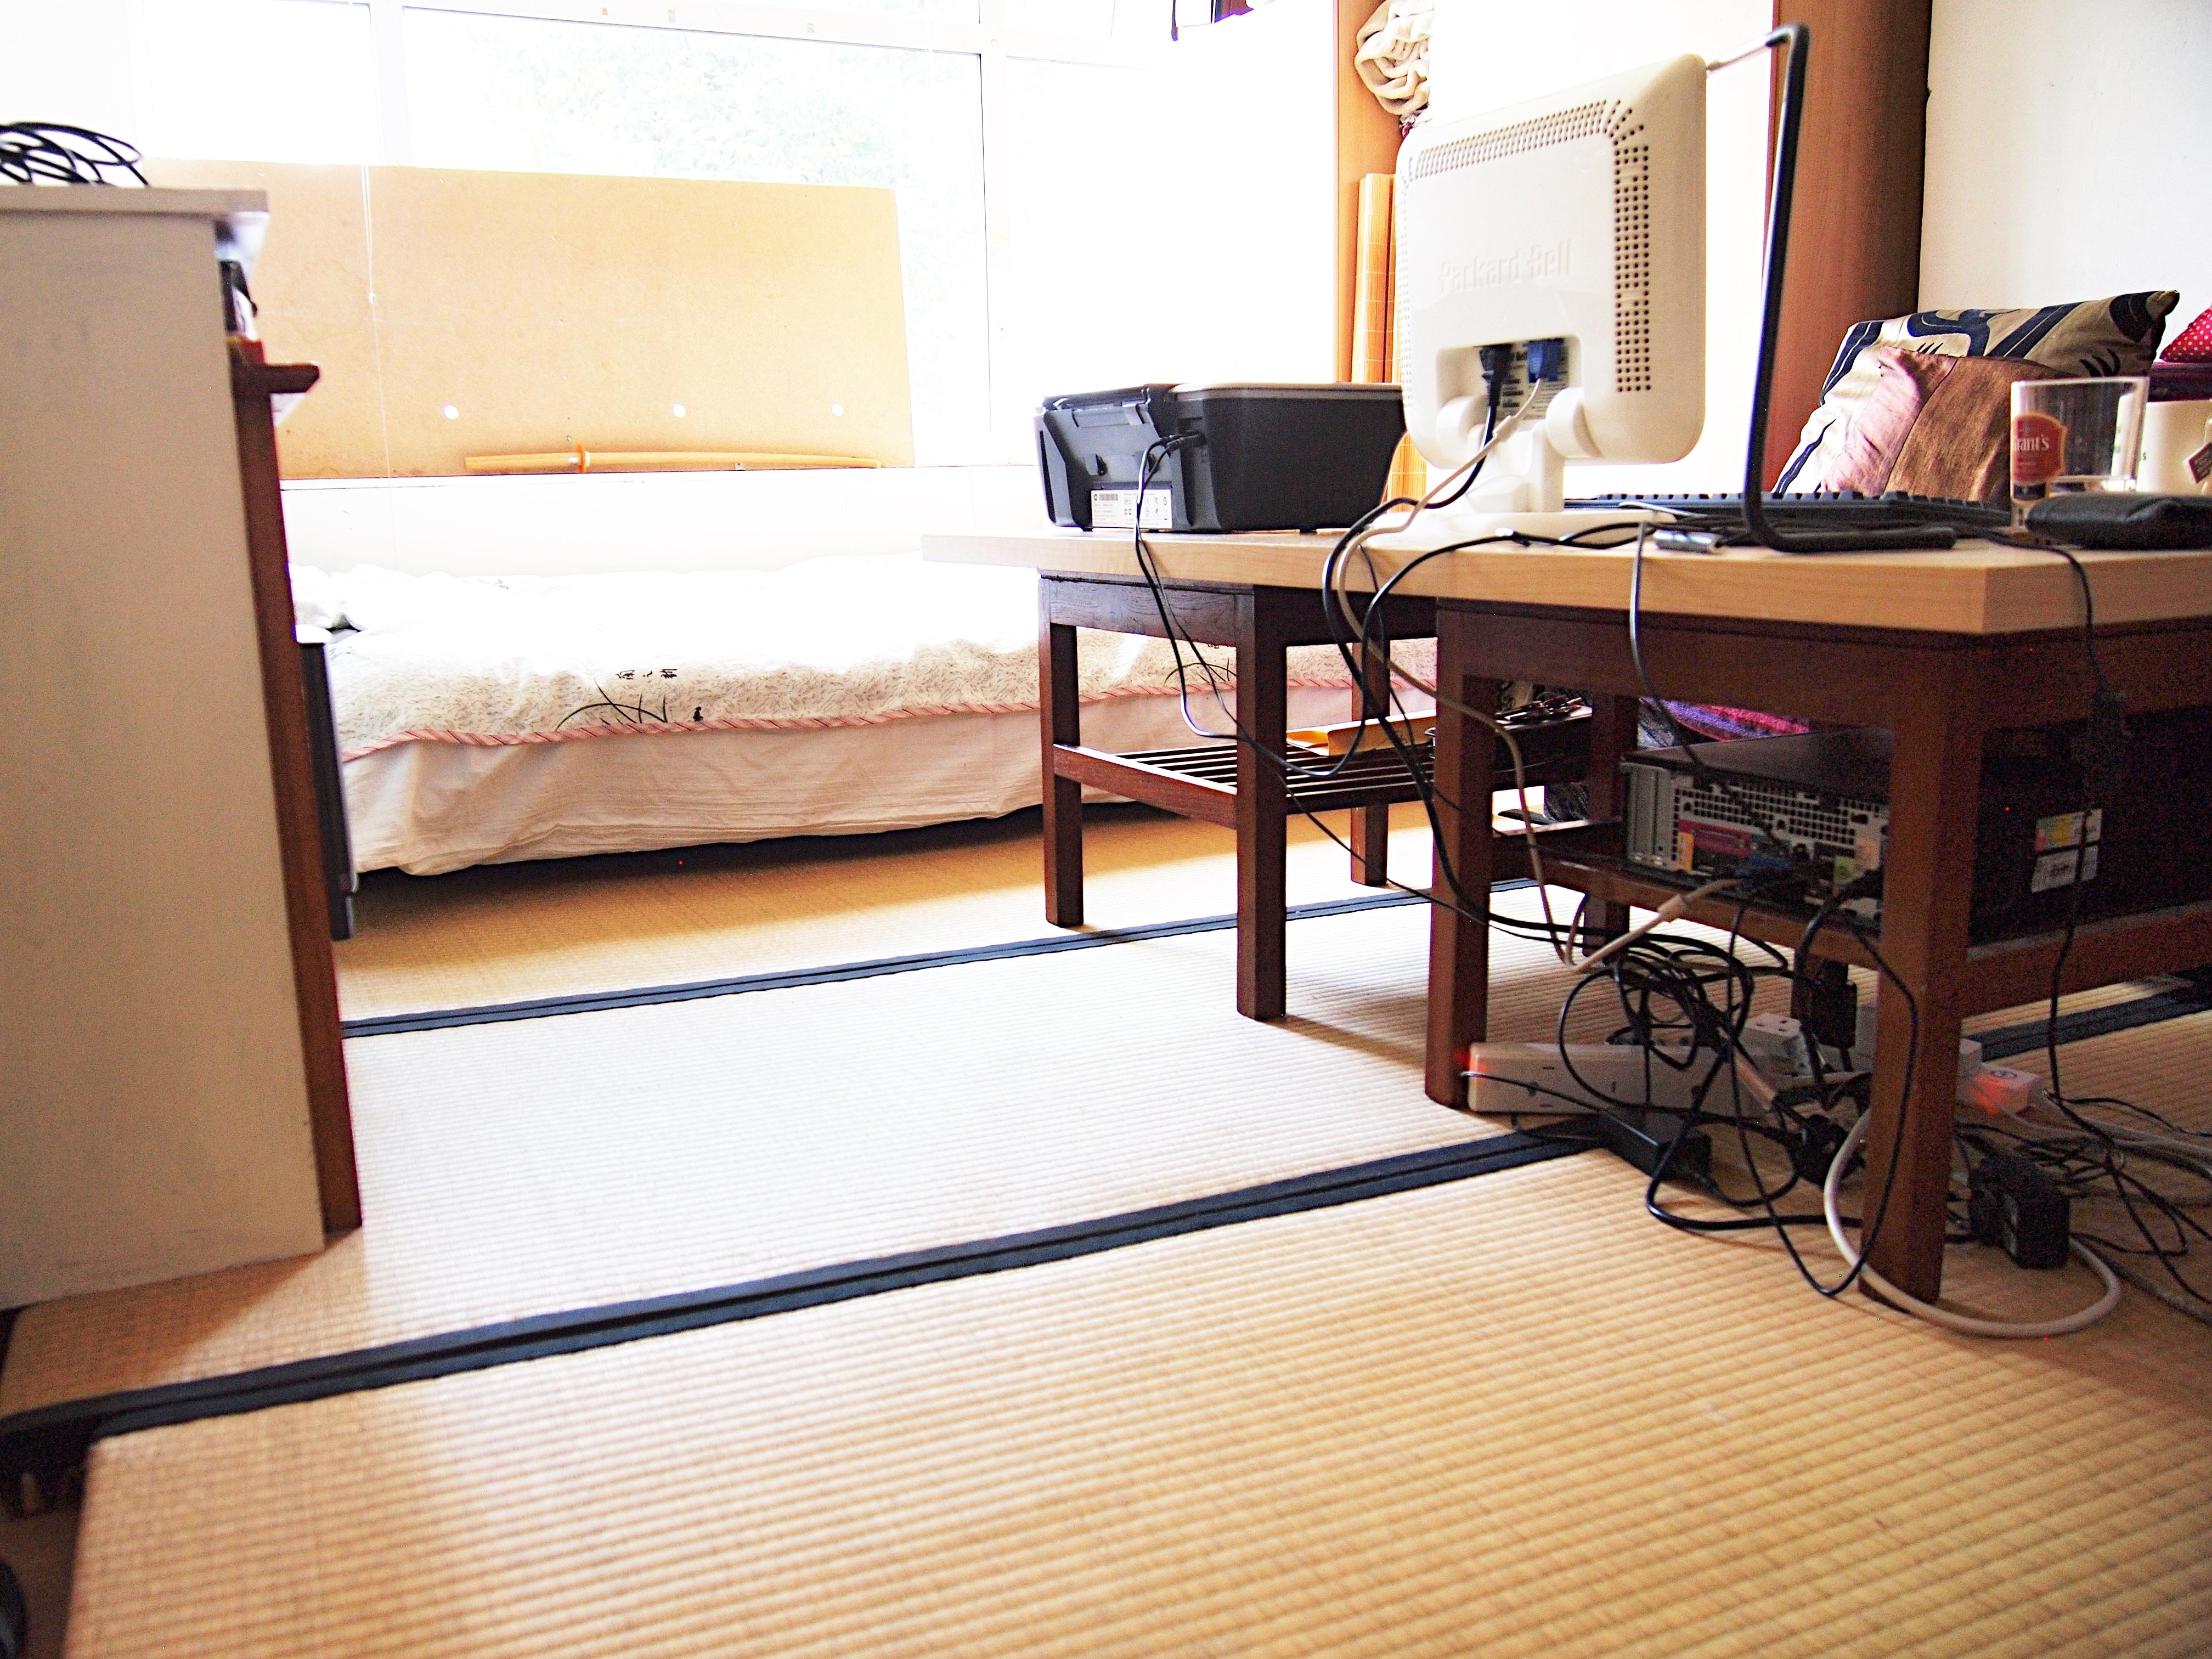 イギリスで畳が敷き詰められたスペース